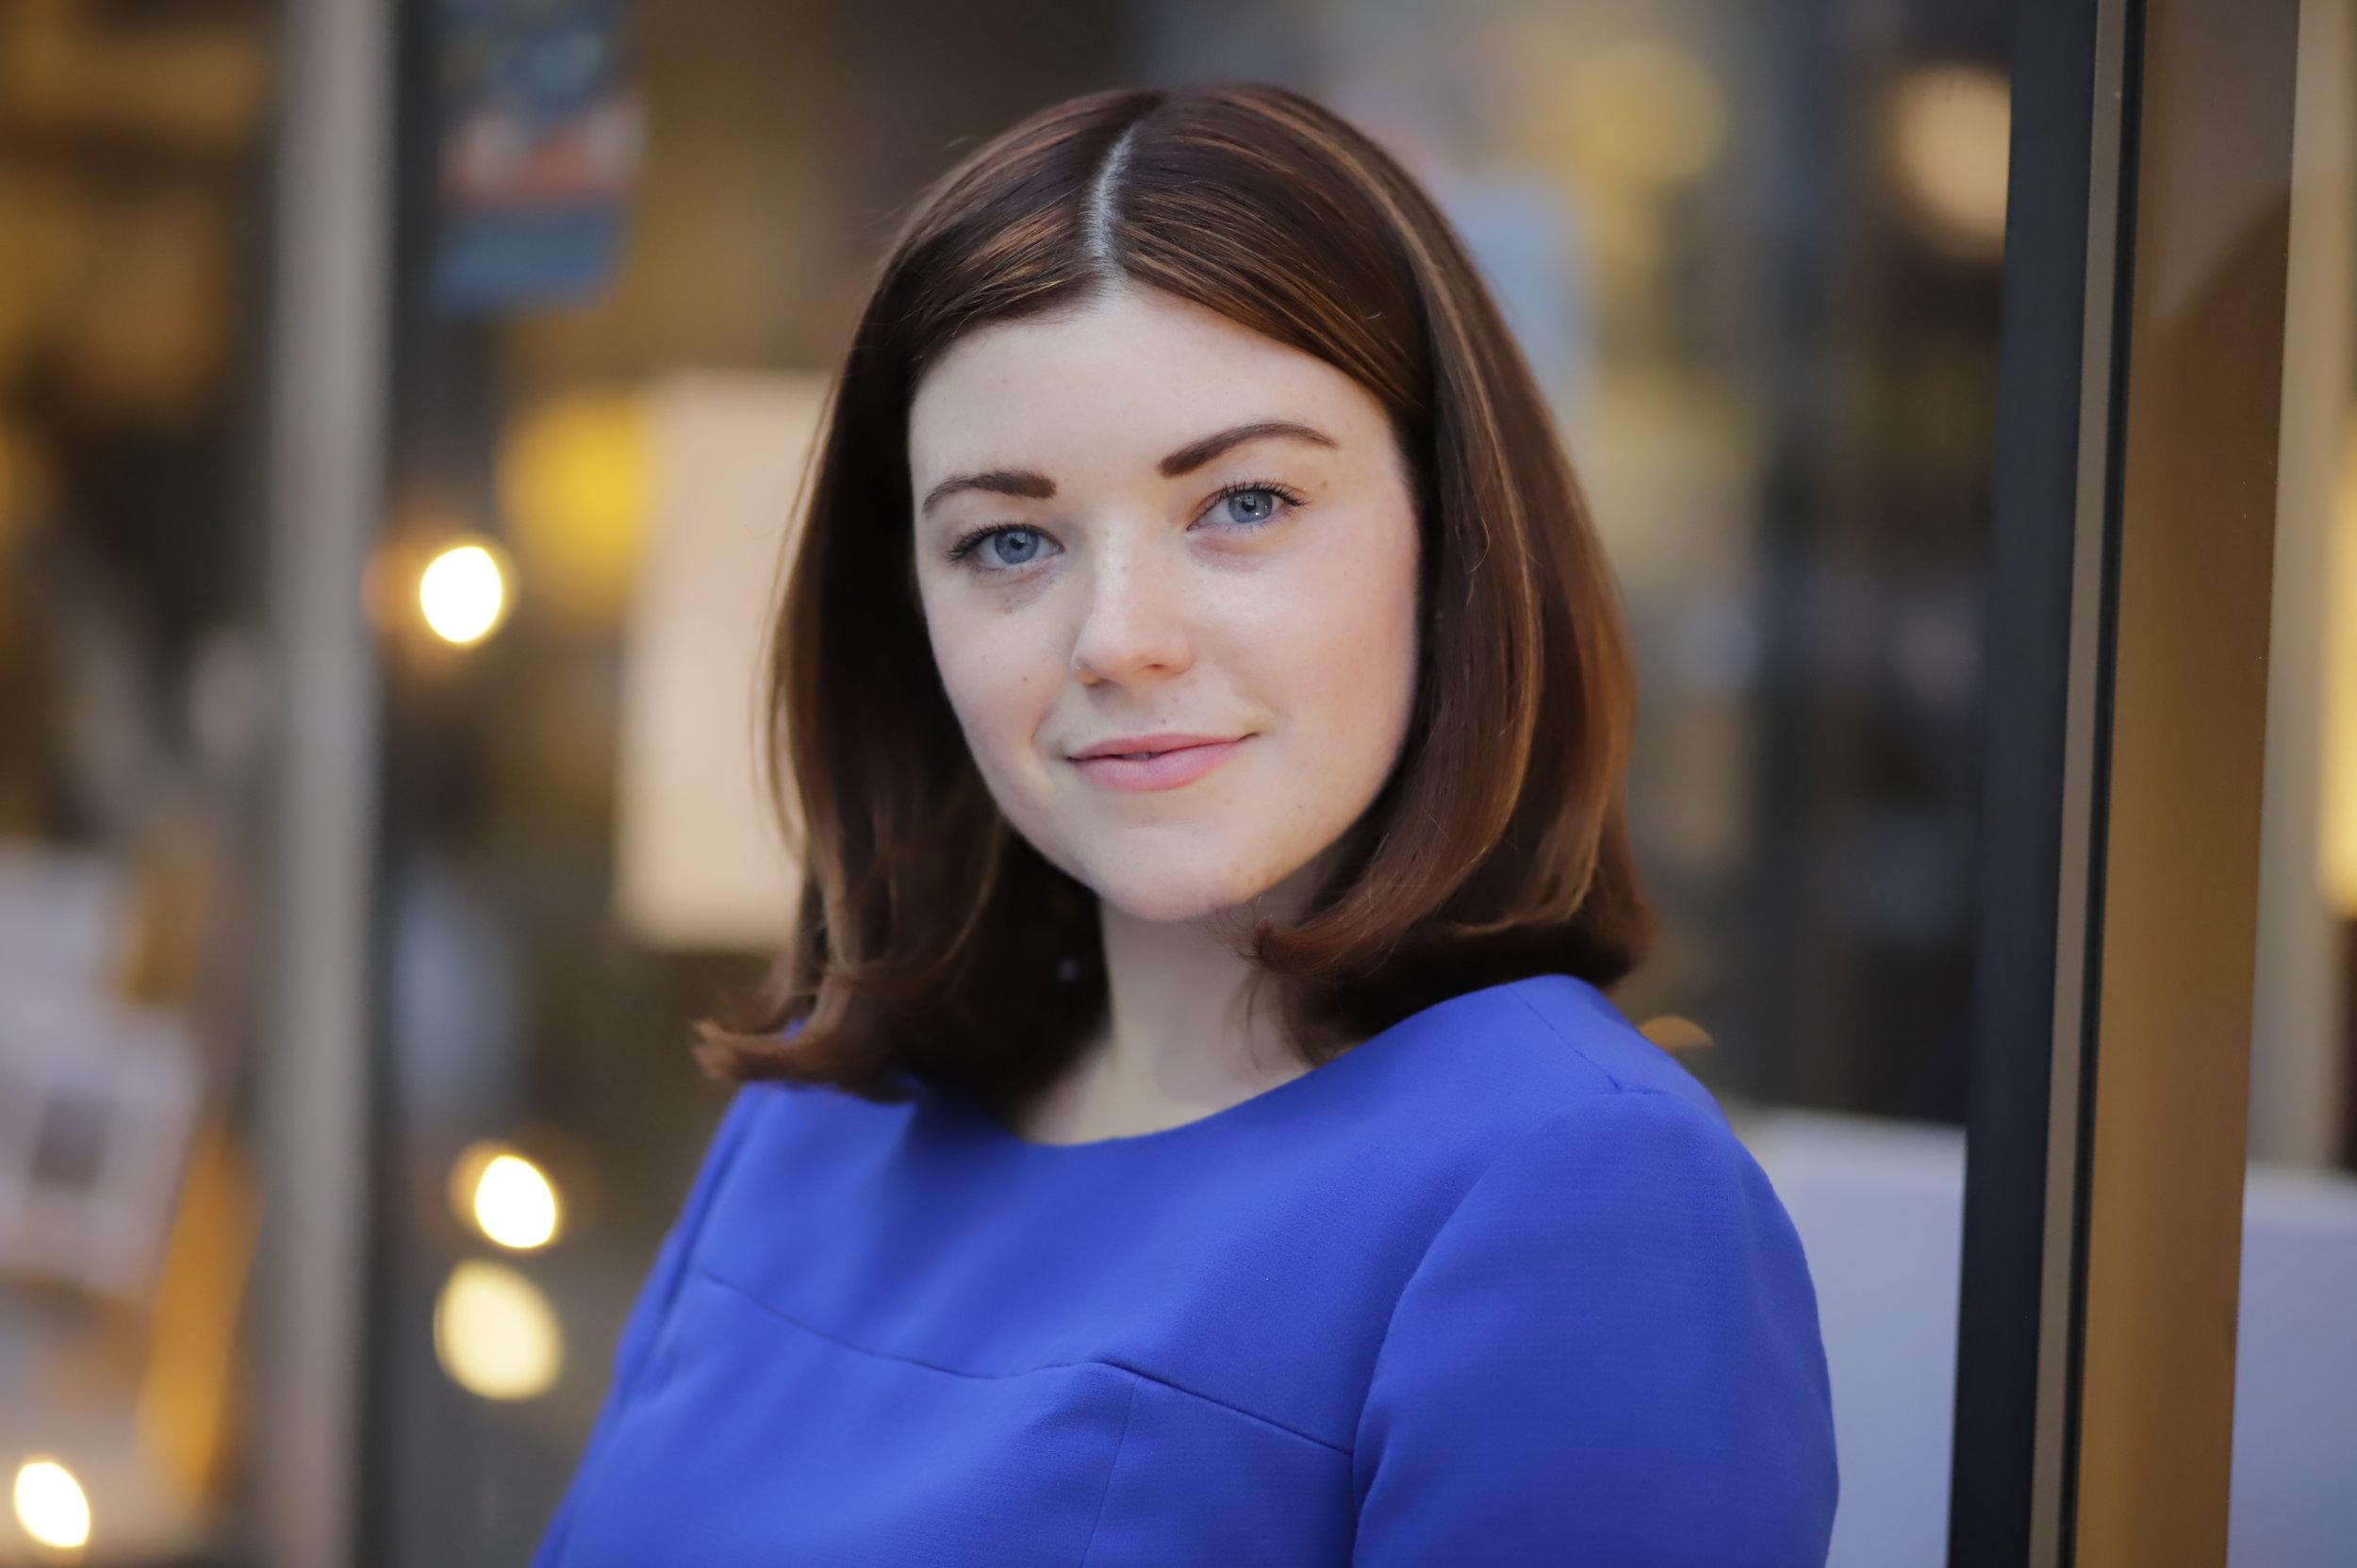 Juliette Price Headshot 2019.JPG